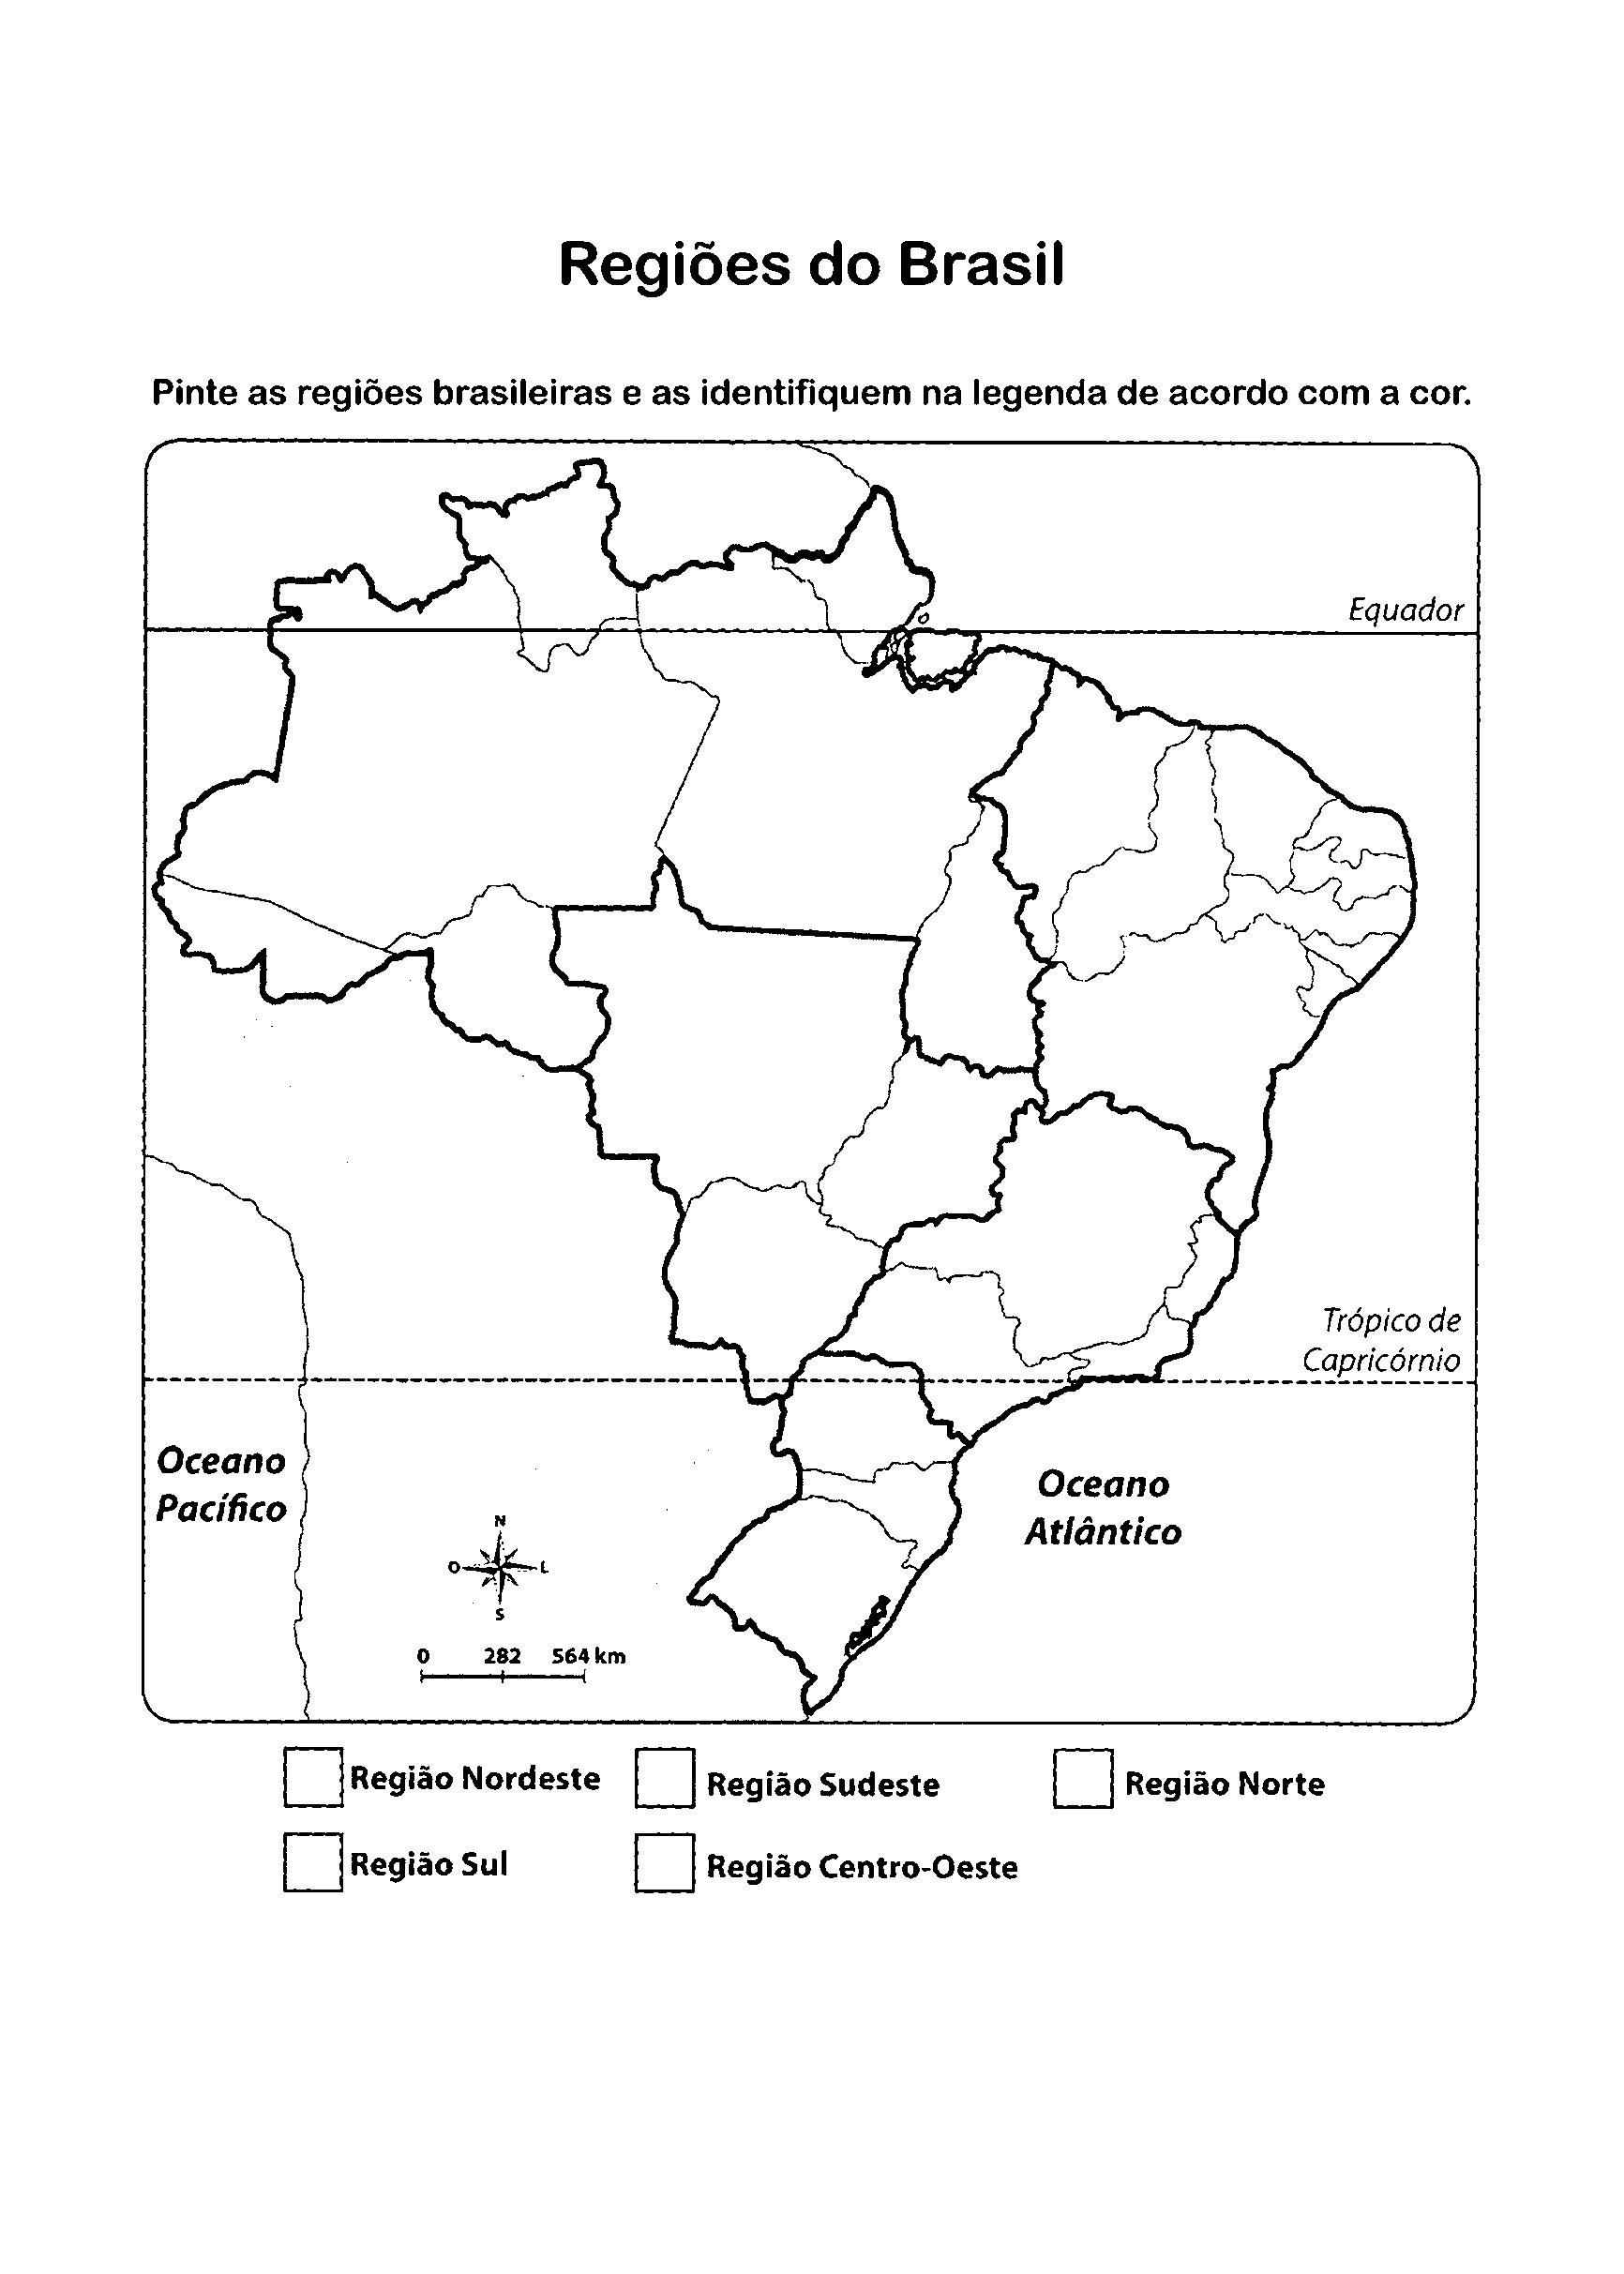 Mapa do Brasil para colorir com legenda das Regiões Brasileiras